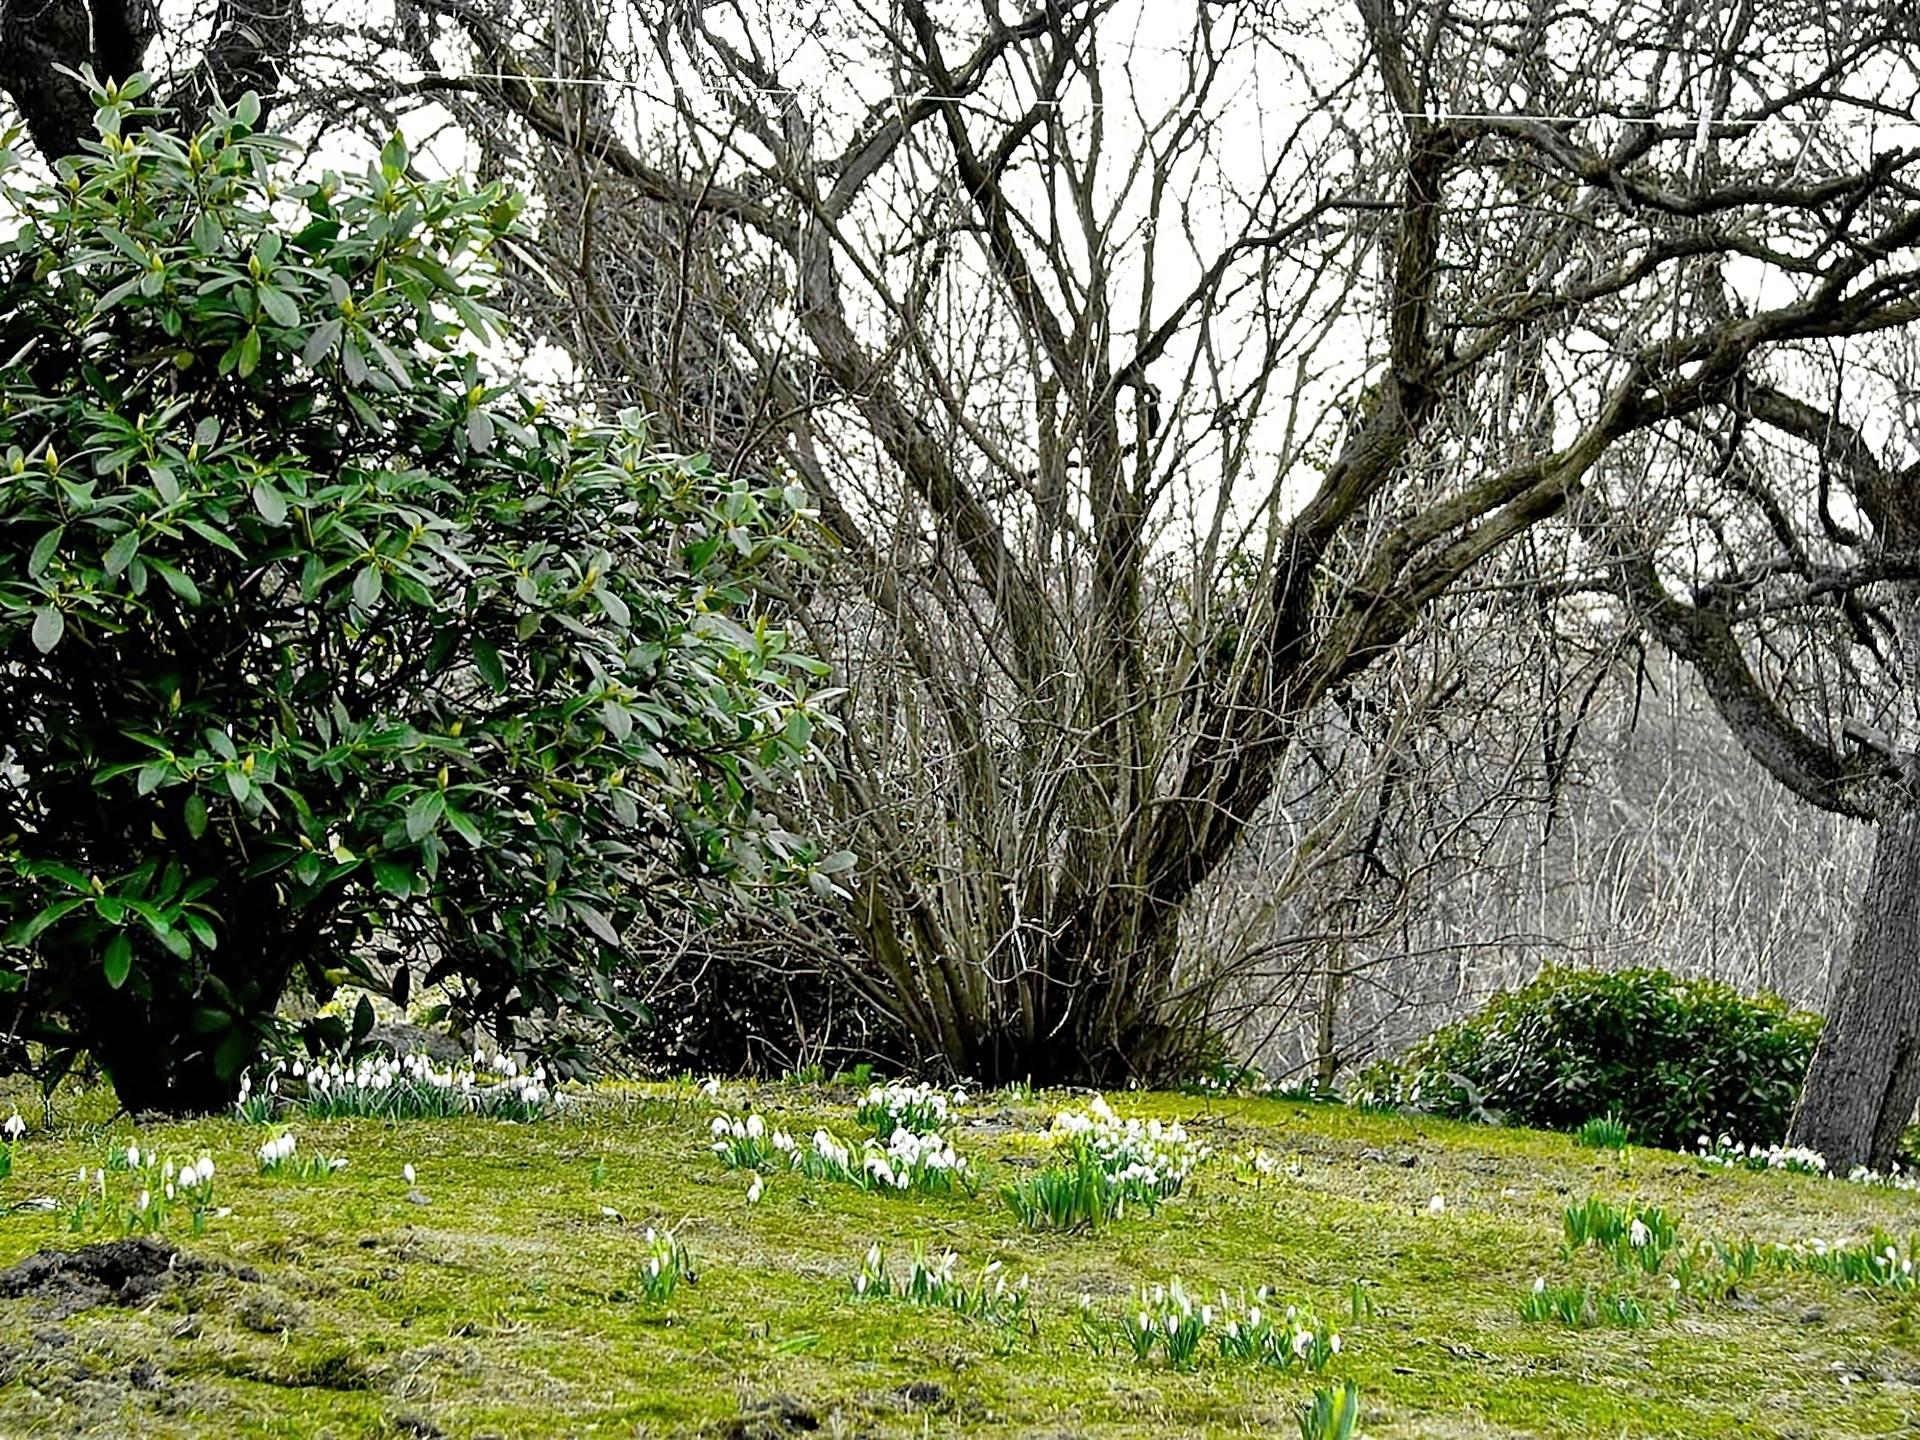 Tapeta Nagie Rozmycie Rododendron Przebi Niegi Drzewa